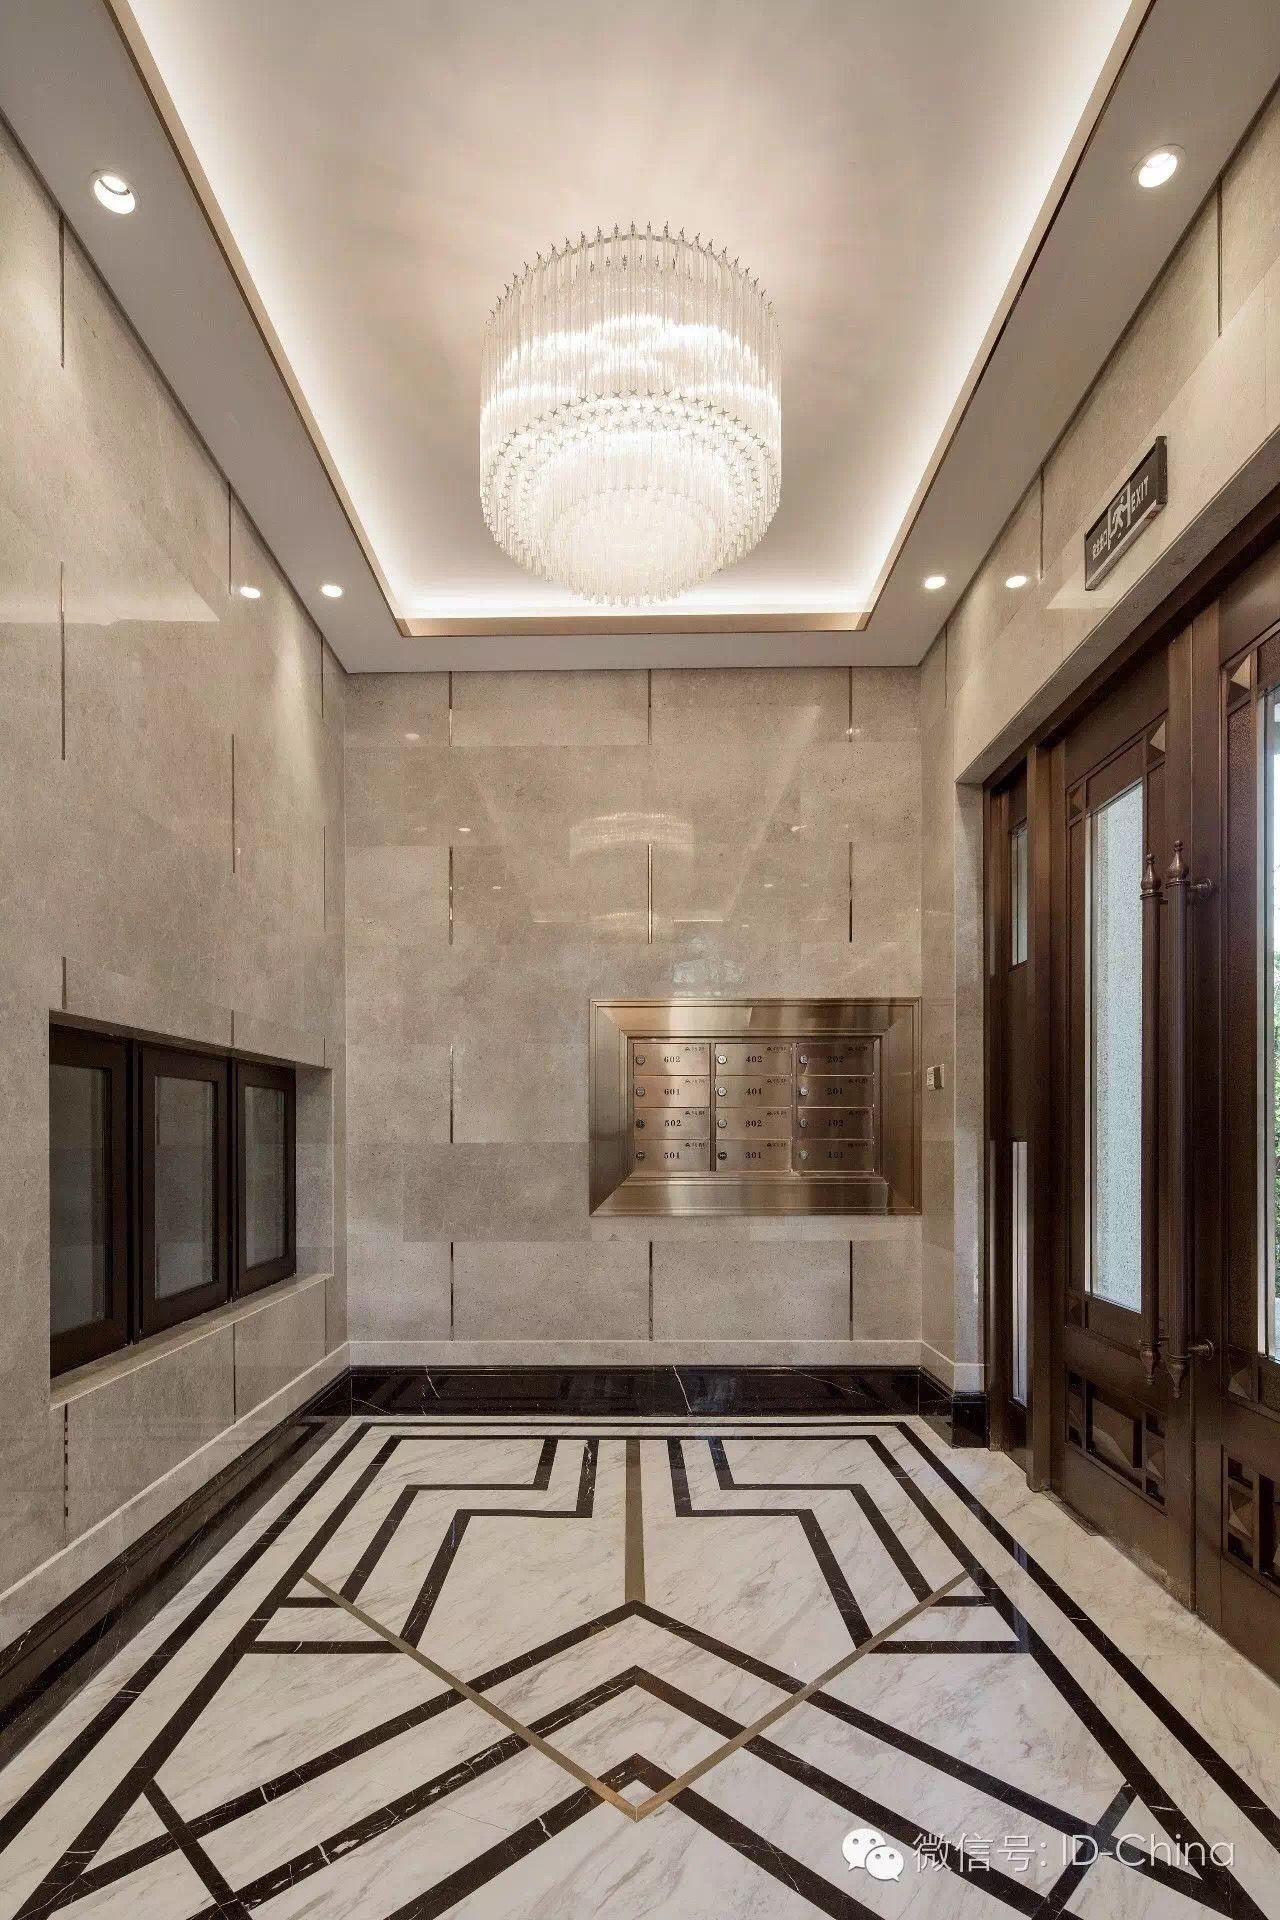 Exquisite retro lift lobby | Floor design, Lobby design ...